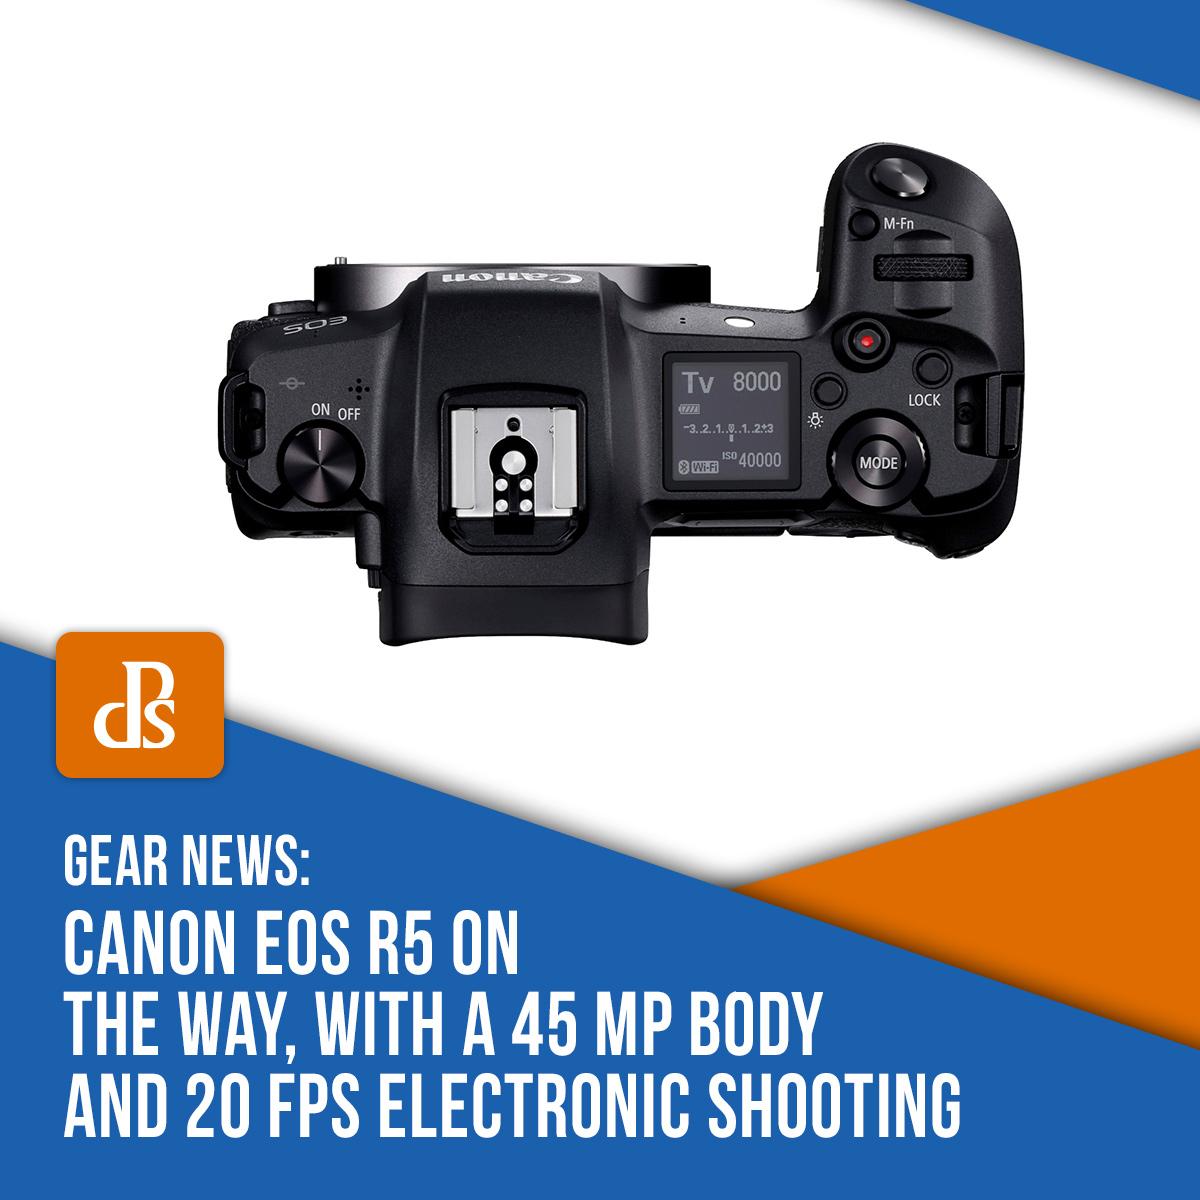 canon-eos-r5-news